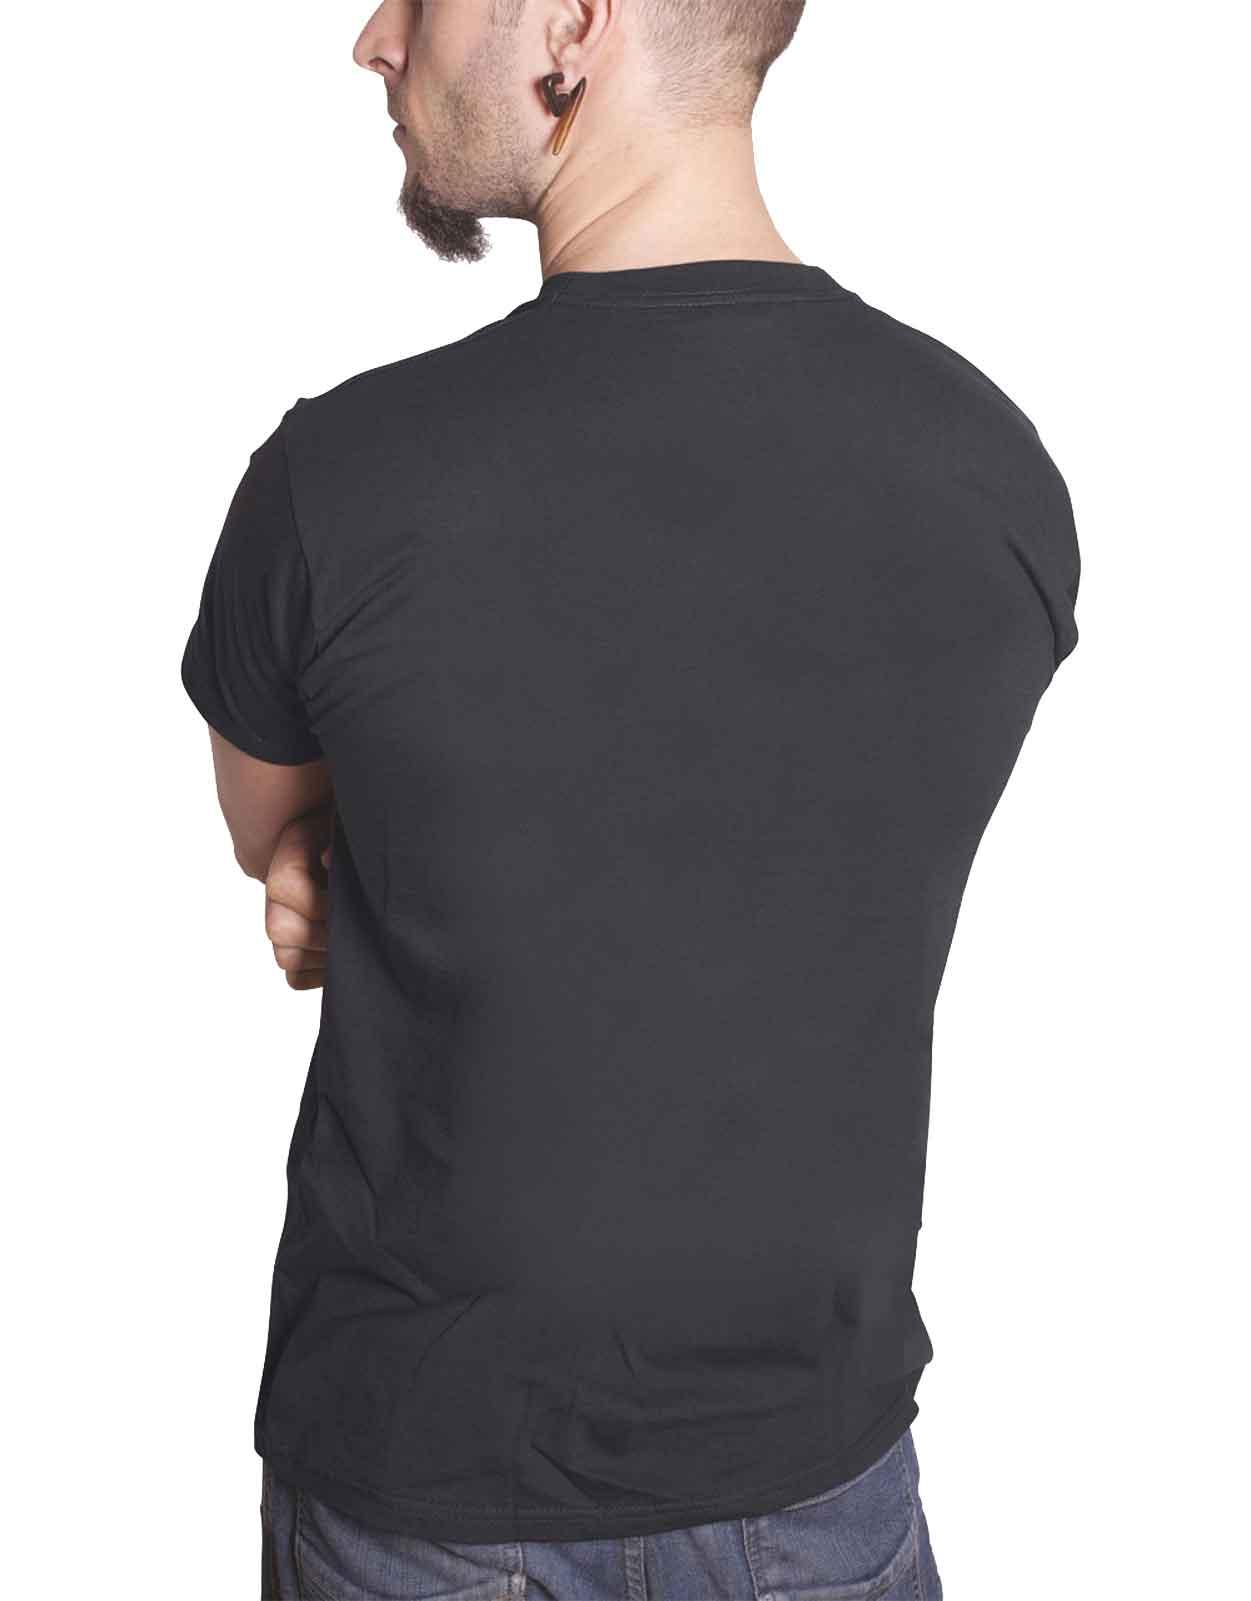 Motorhead-T-Shirt-Lemmy-RIP-England-warpig-clean-your-clock-official-new-mens miniature 3